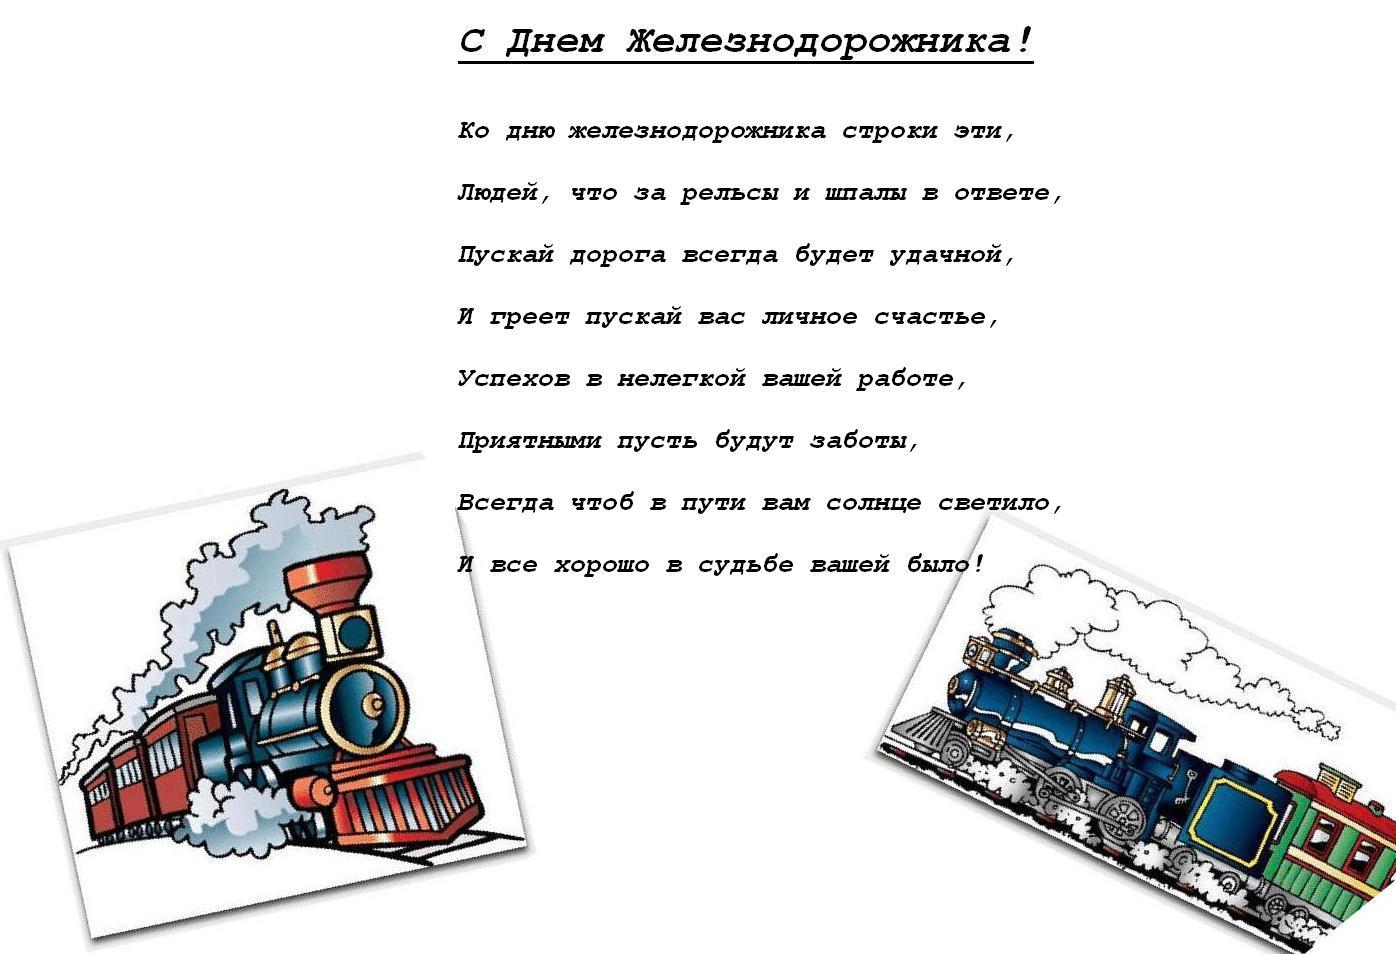 День железнодорожника поздравления сценарий